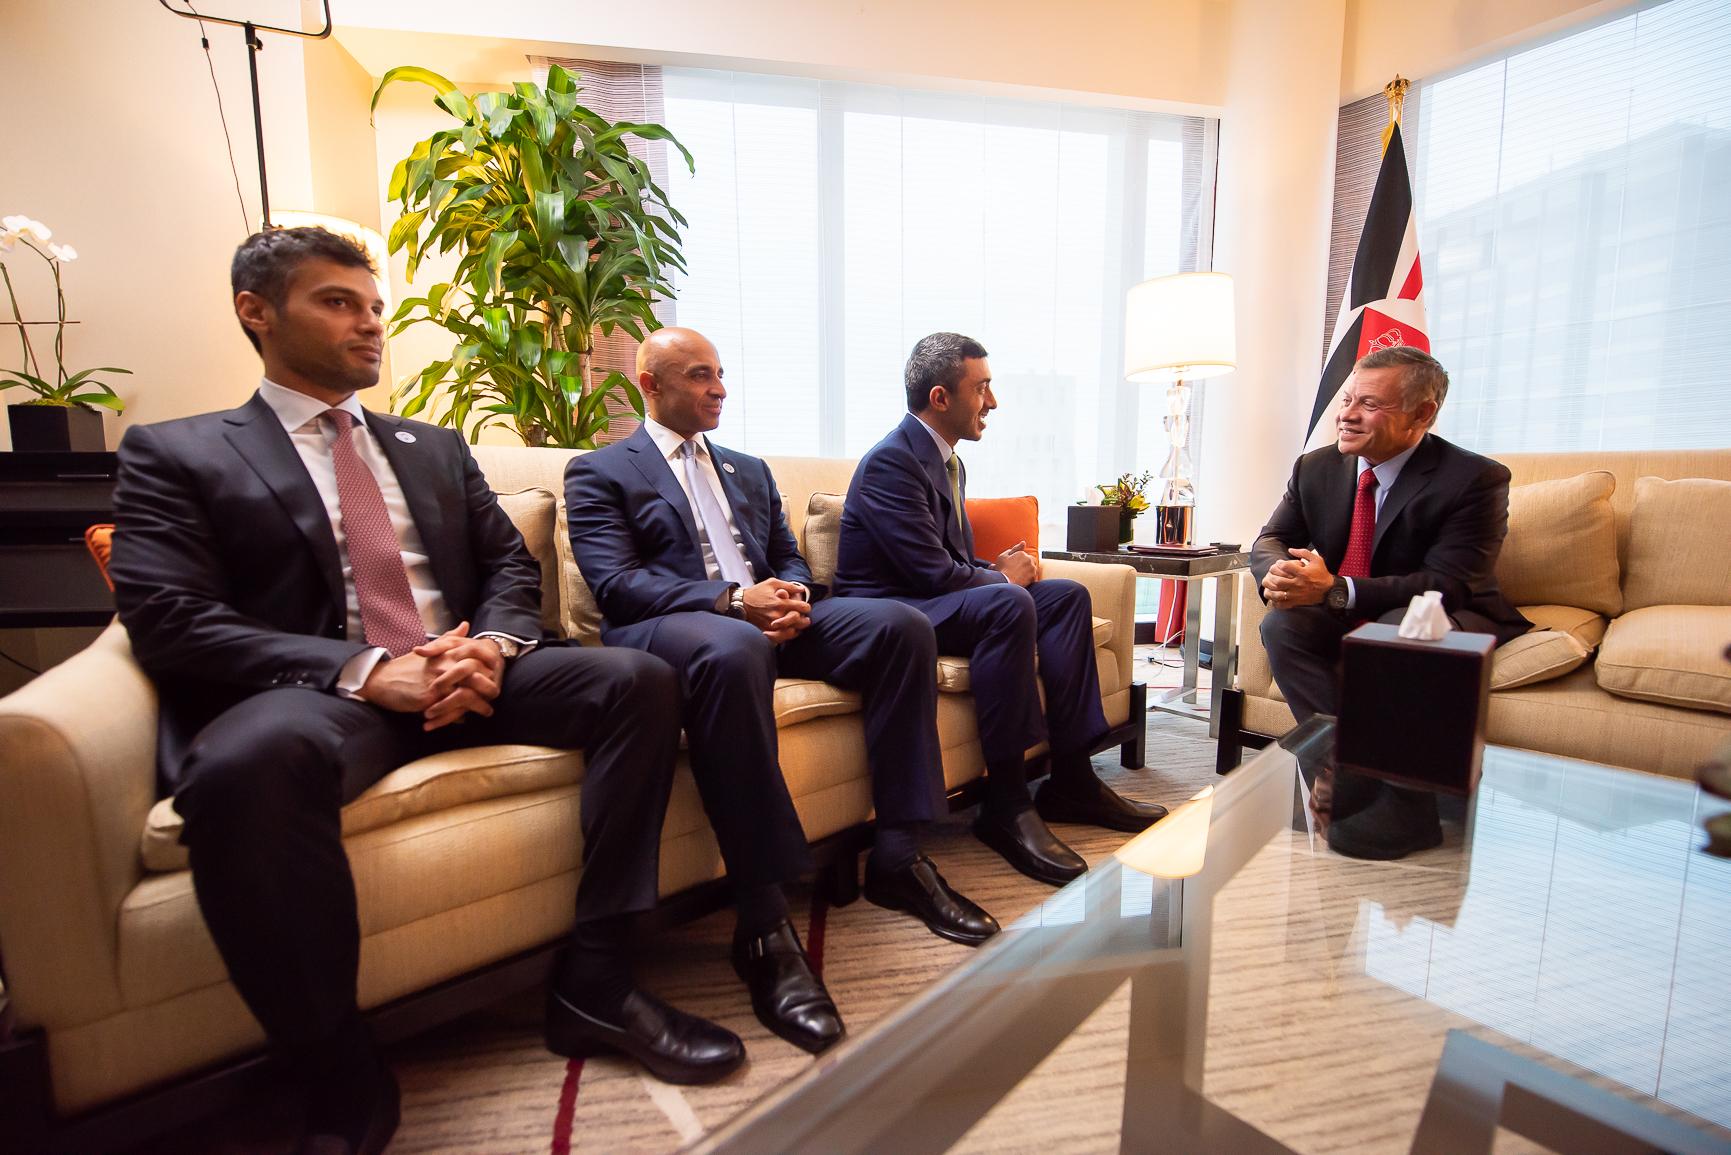 ملك الأردن يستقبل عبدالله بن زايد في نيويورك 5